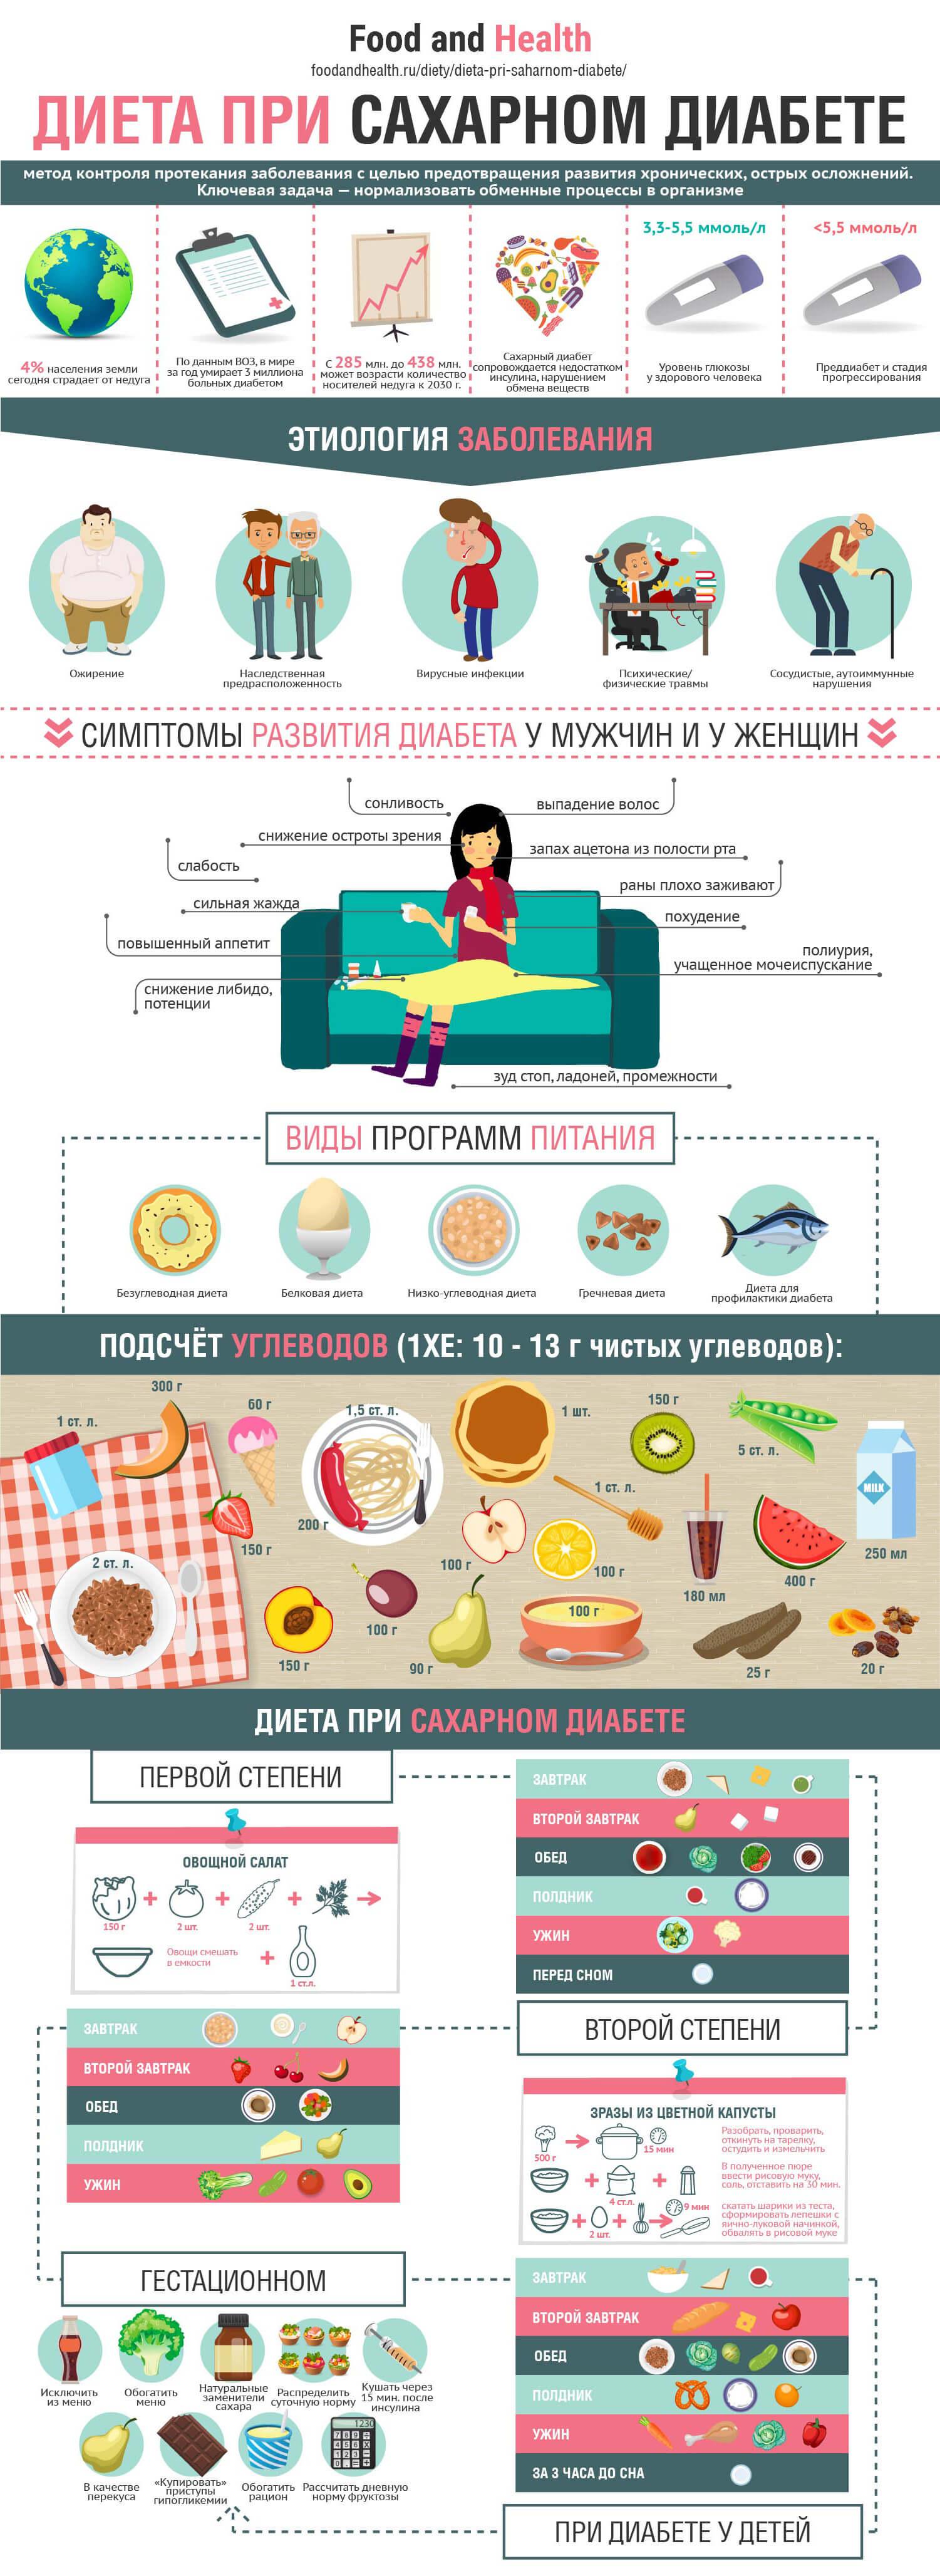 Что происходит при диабете